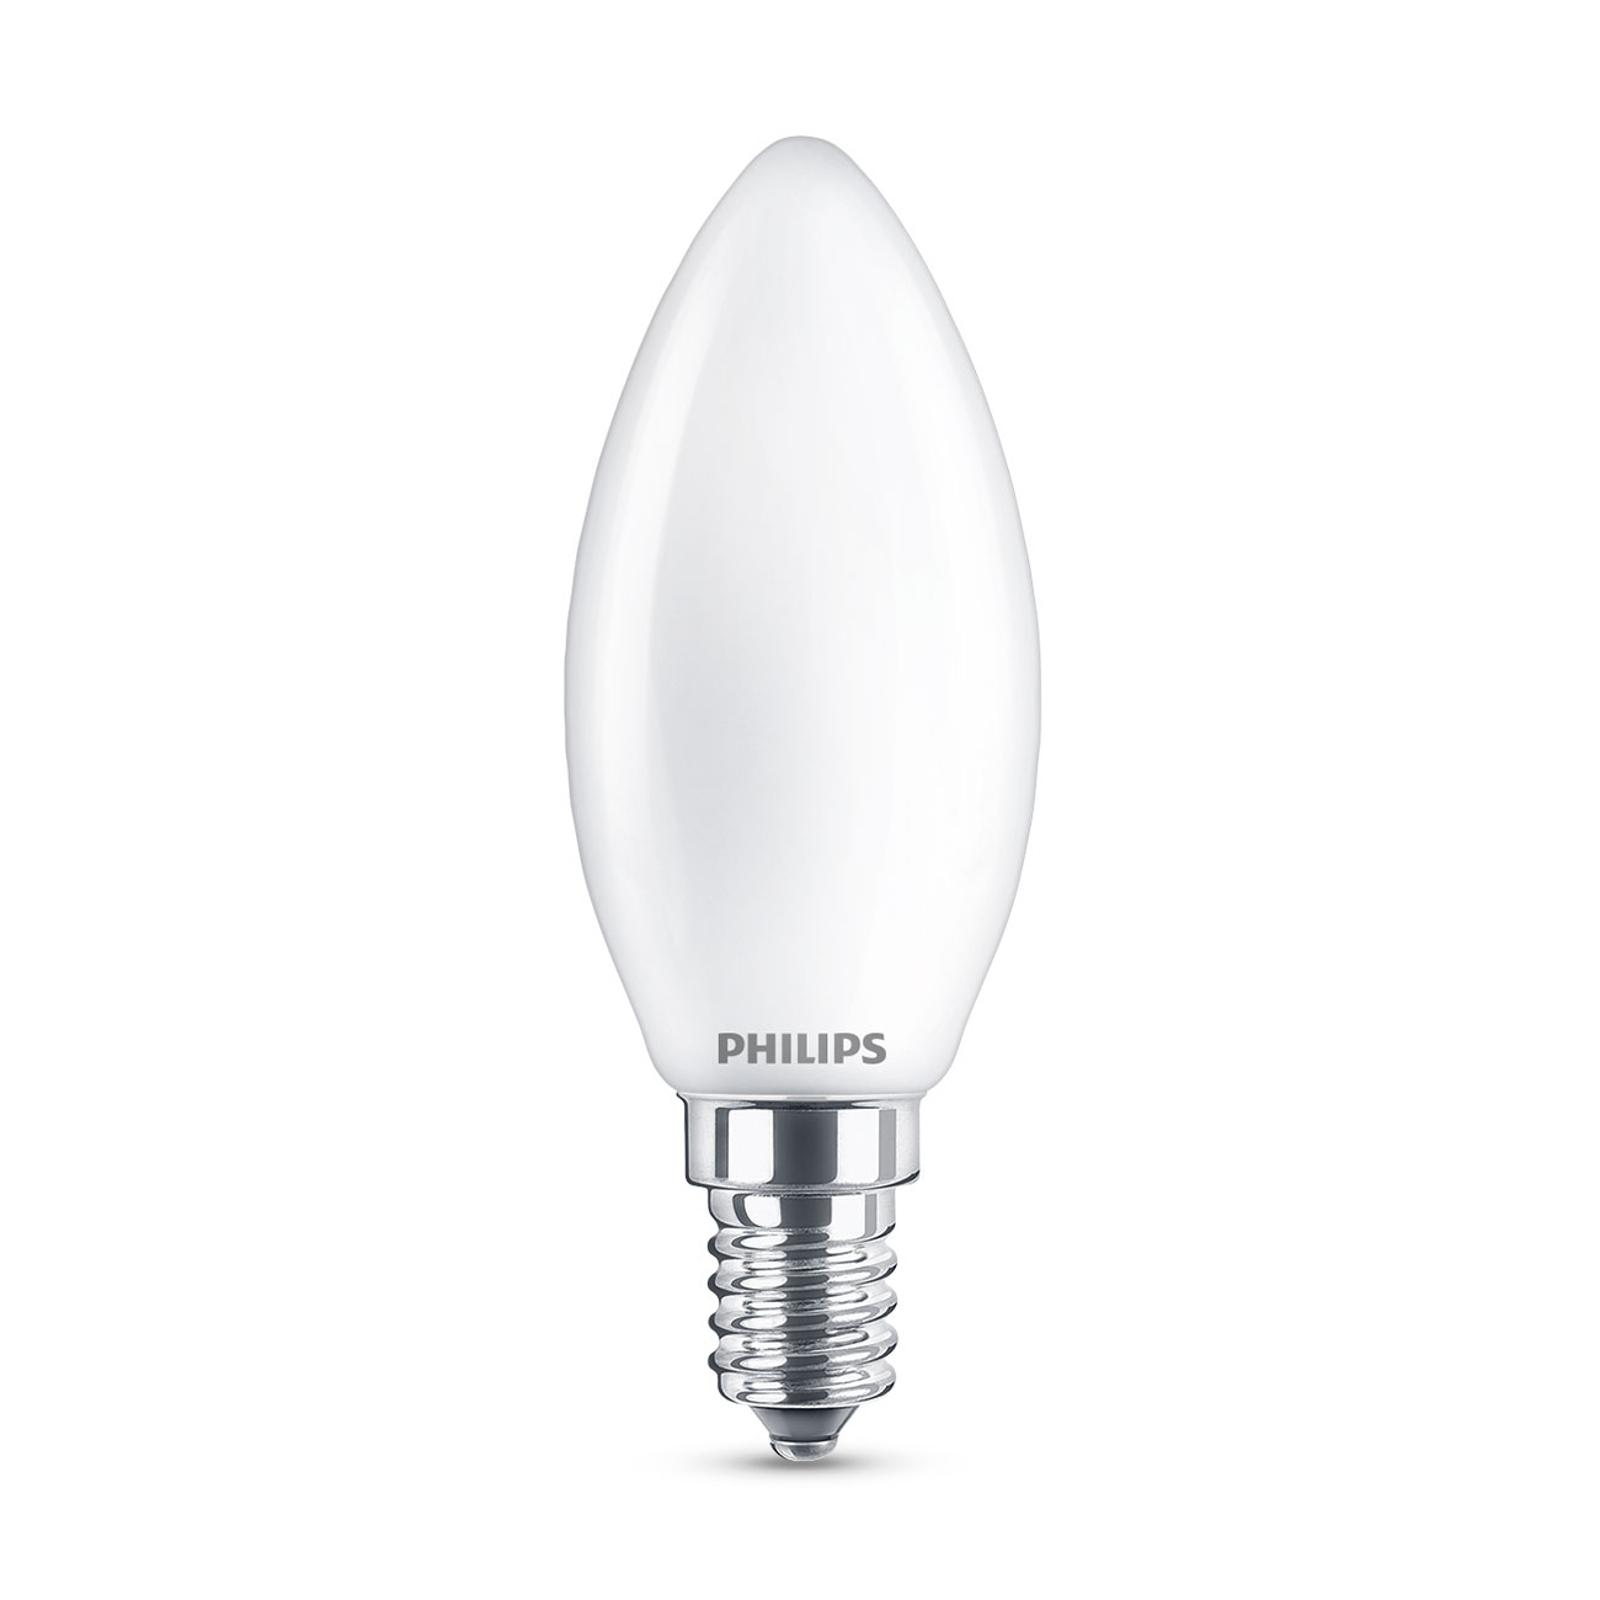 Philips Classic żarówka LED E14 B35 6,5W 2700K mat